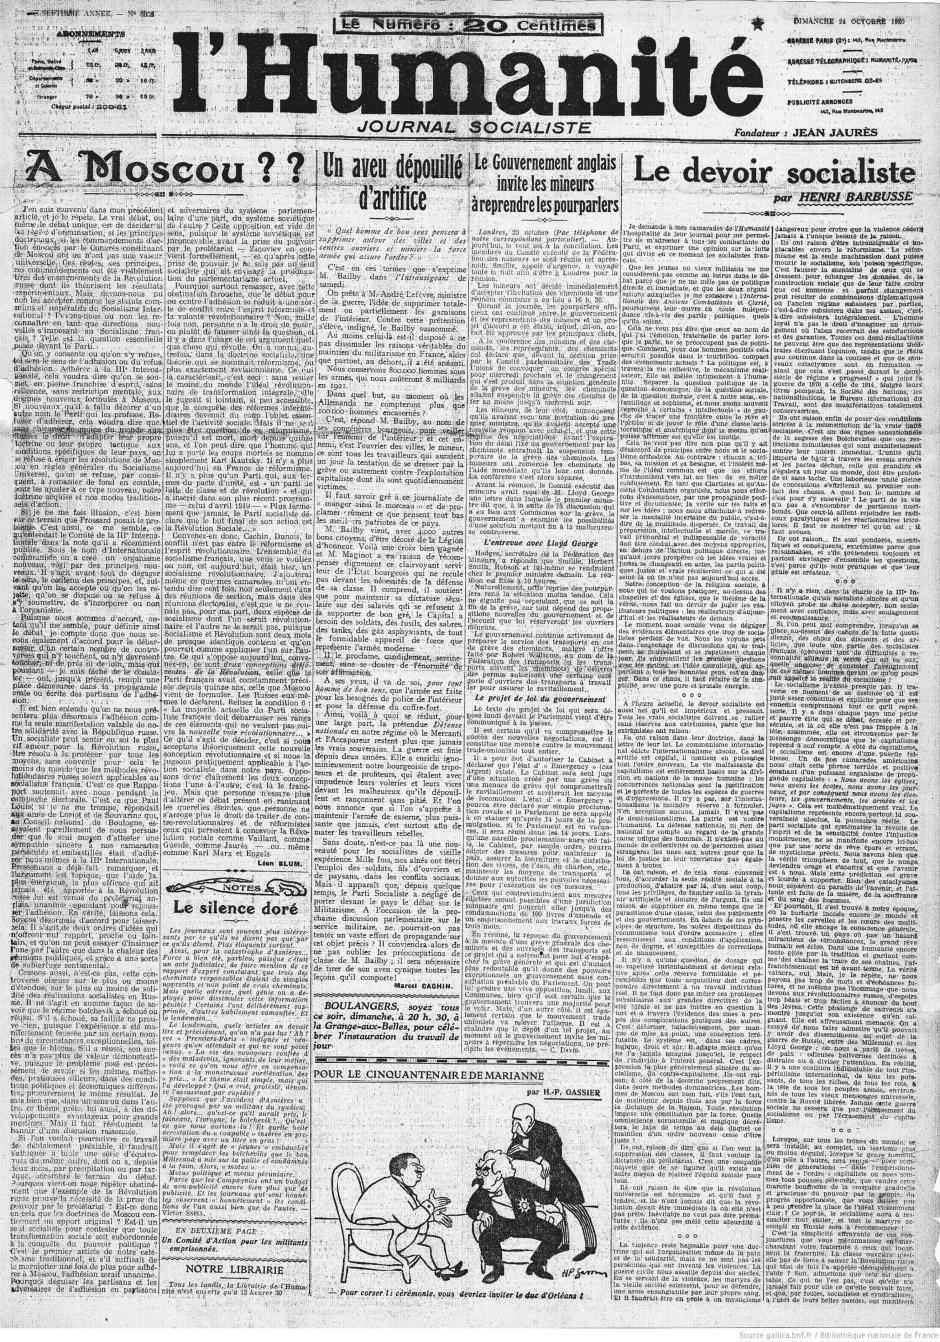 Centenaire du PCF, au jour le jour : L'Humanité du dimanche 24 octobre 1920